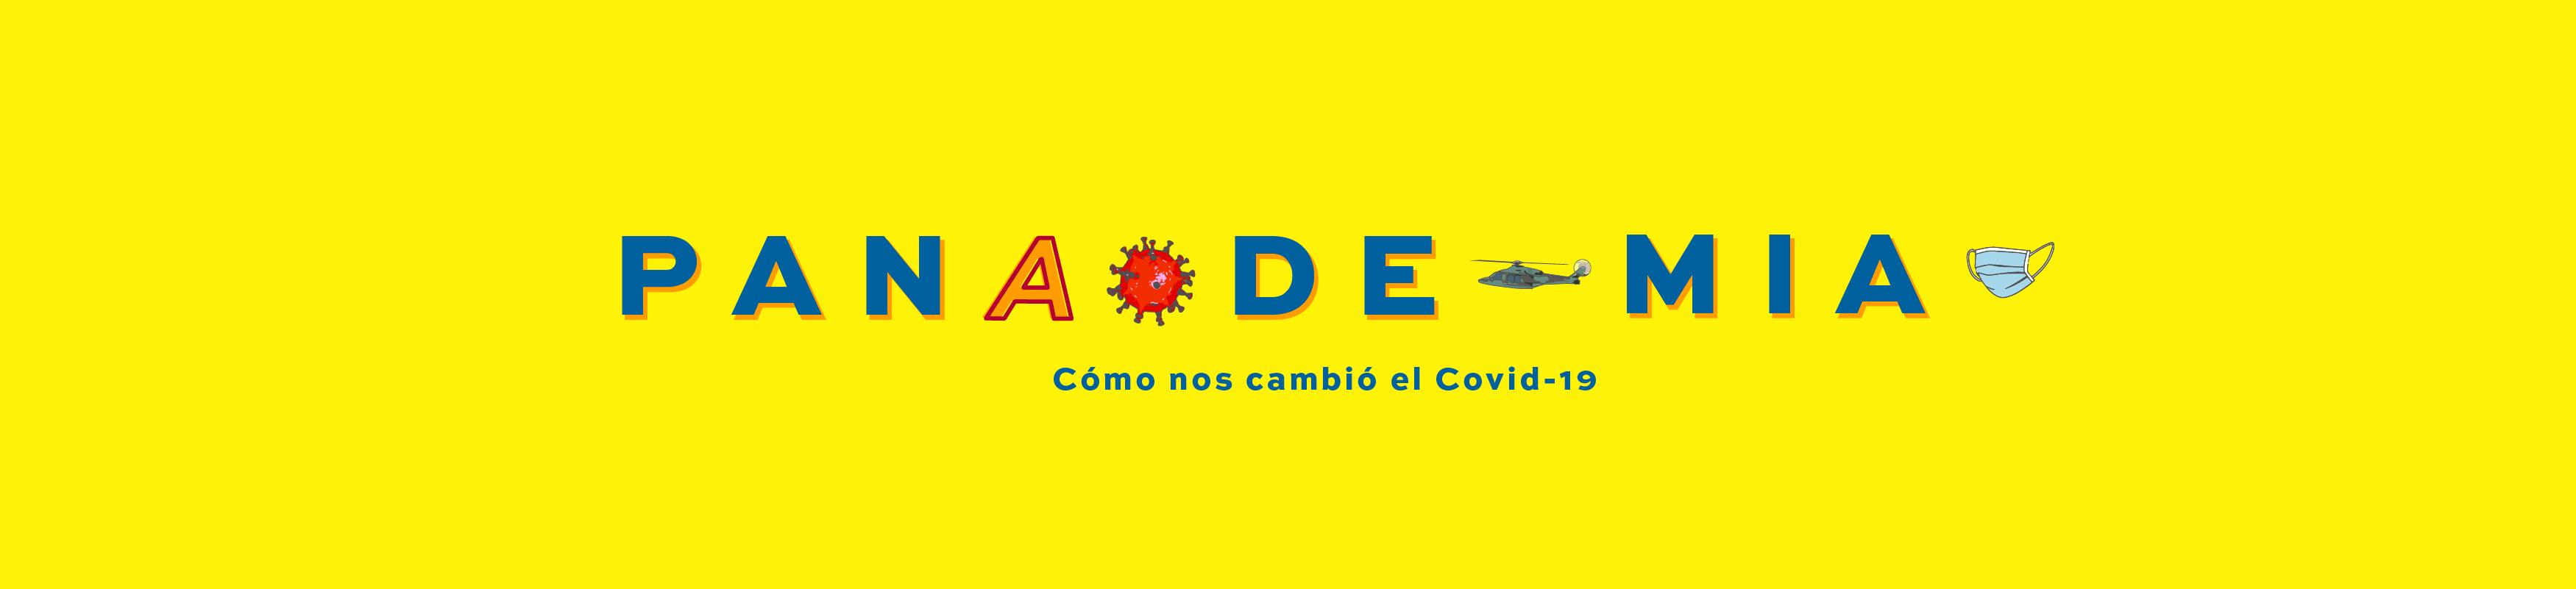 PANADEMIA-Concolon_header WEBSITE